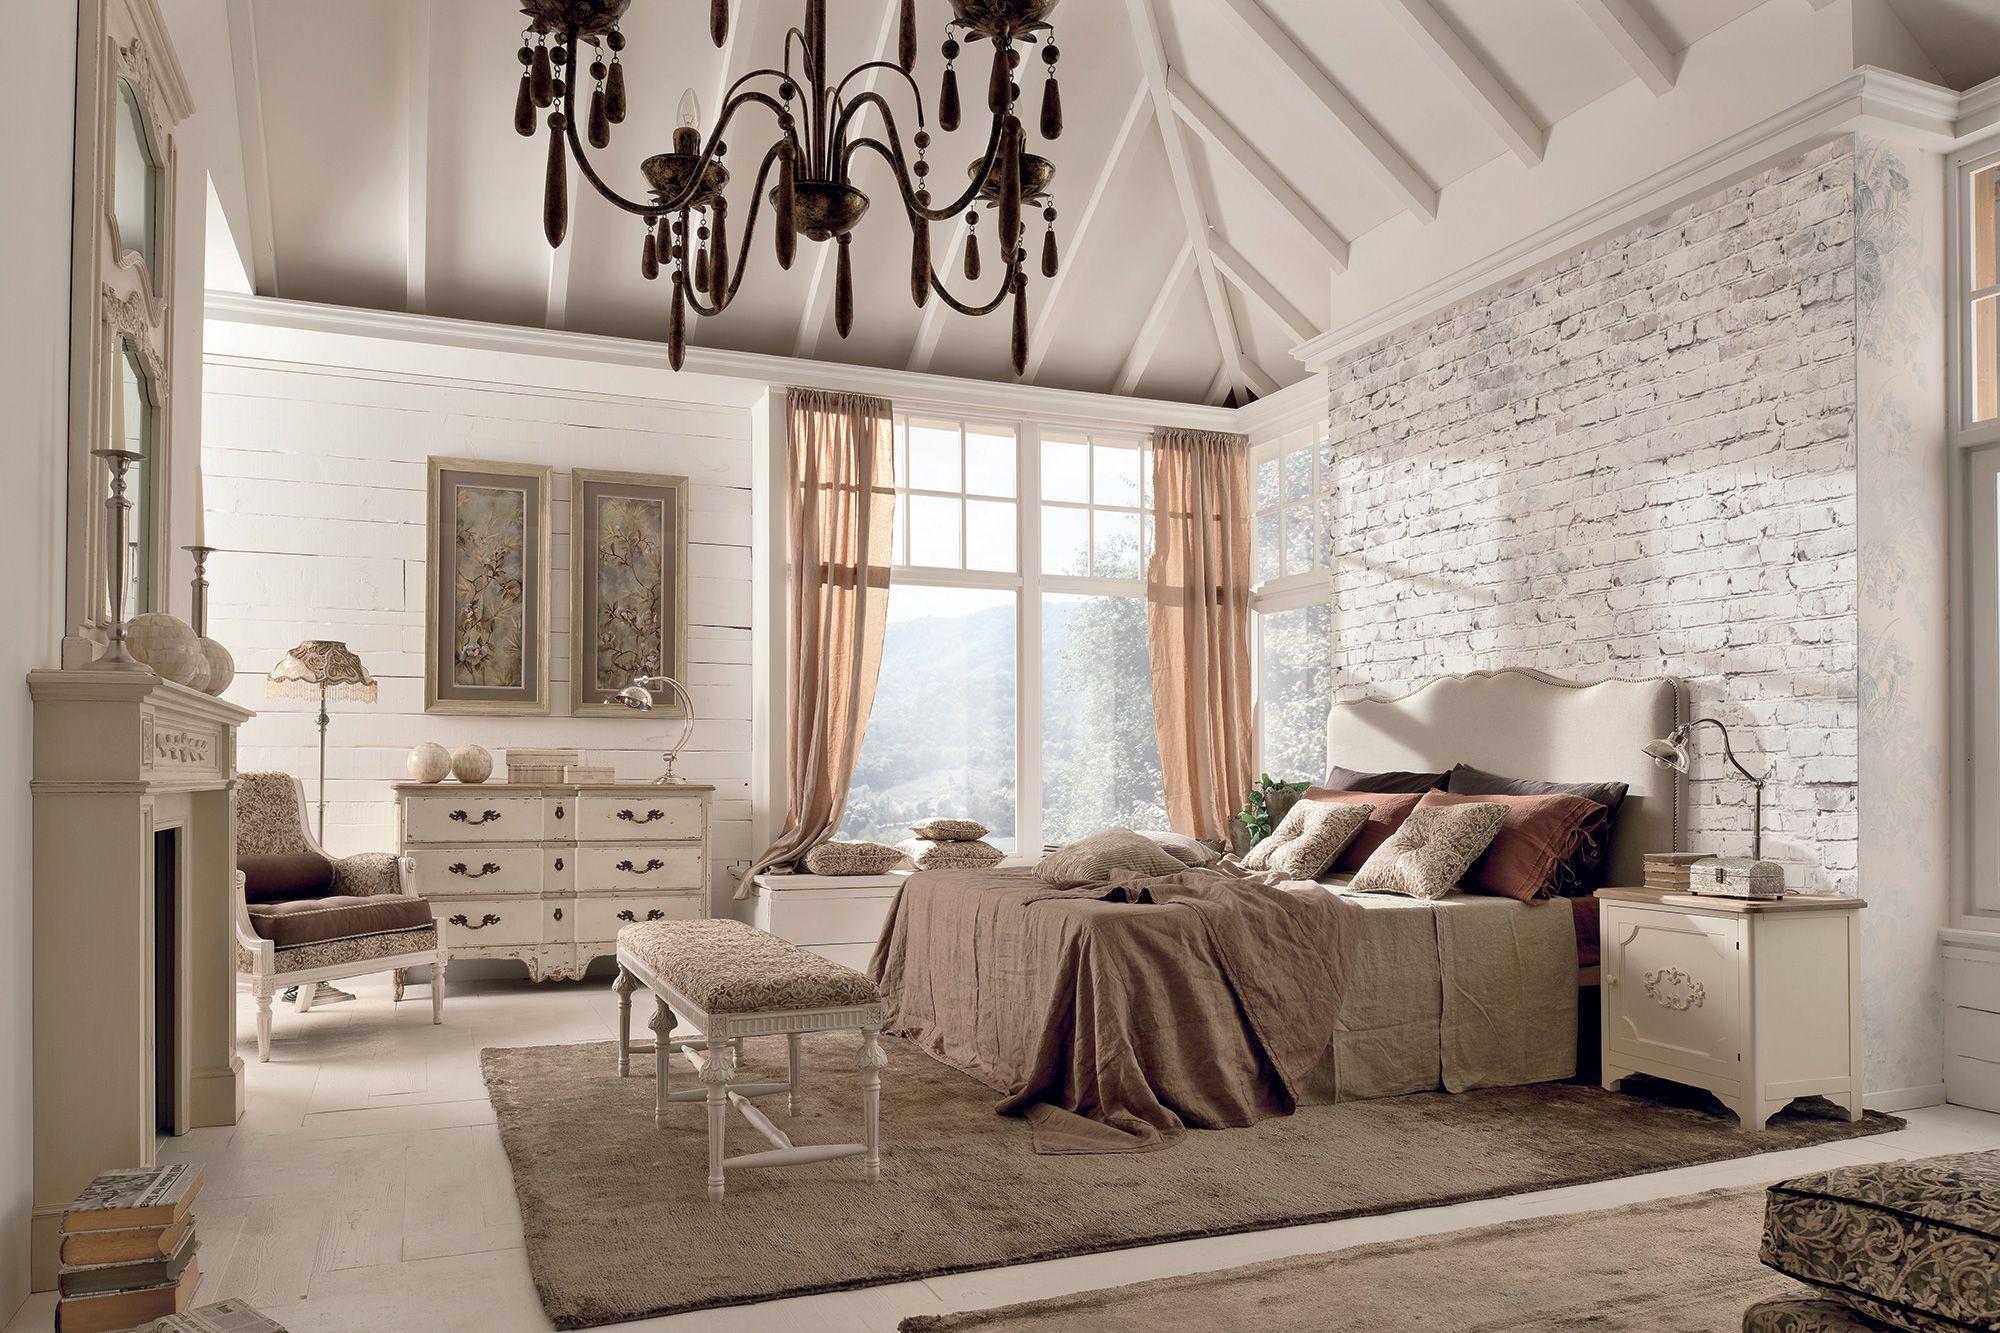 Qui troverai mobili shabby chic di ogni genere: Pin Di Roberta Su Spalni Bedrooms Salotto D Epoca Decorazione Shabby Chic Idee Per Decorare La Casa